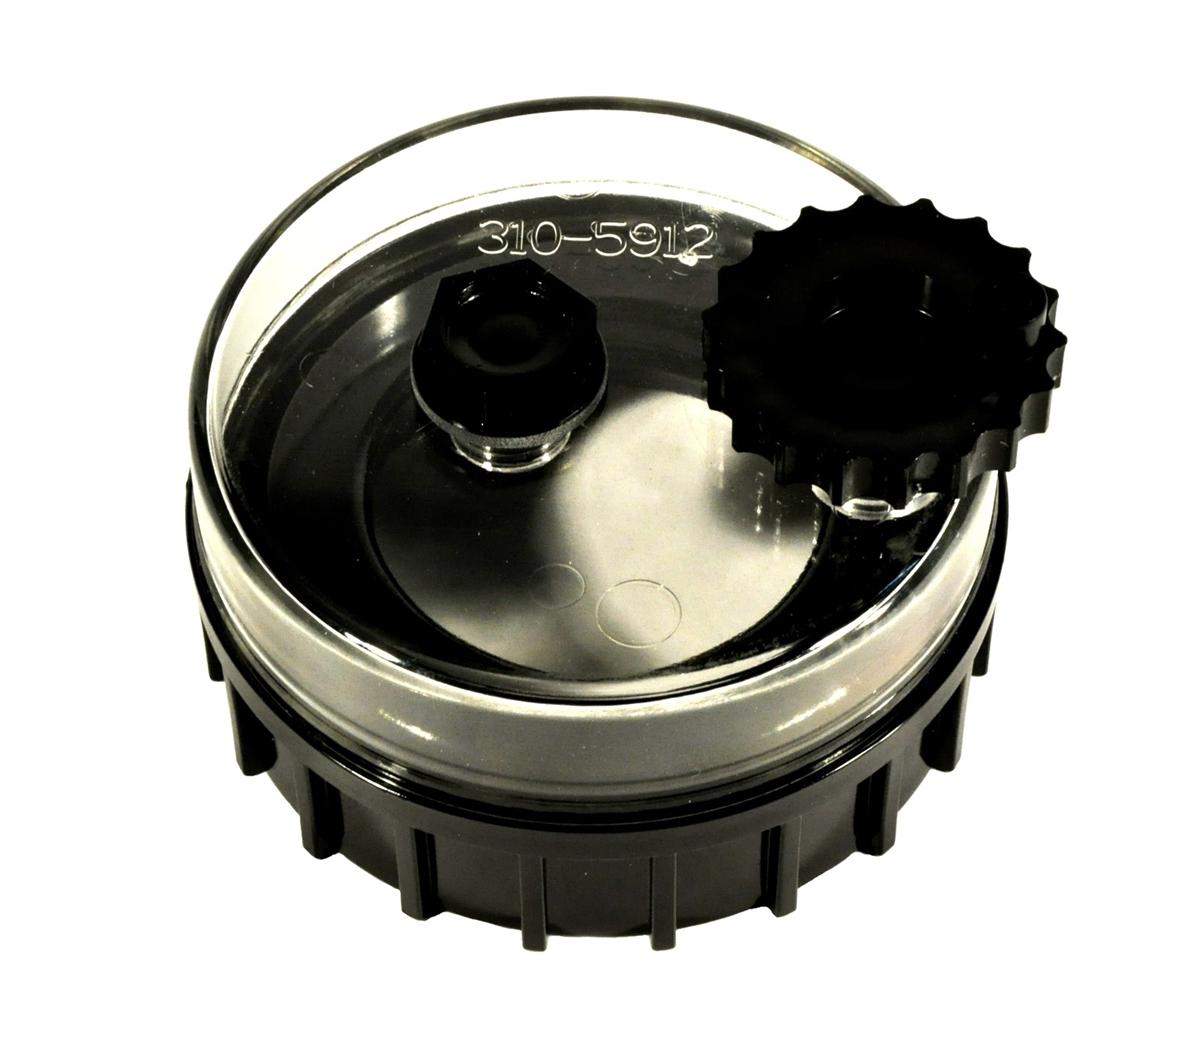 sediment bowl fuel filter [ 1200 x 1063 Pixel ]